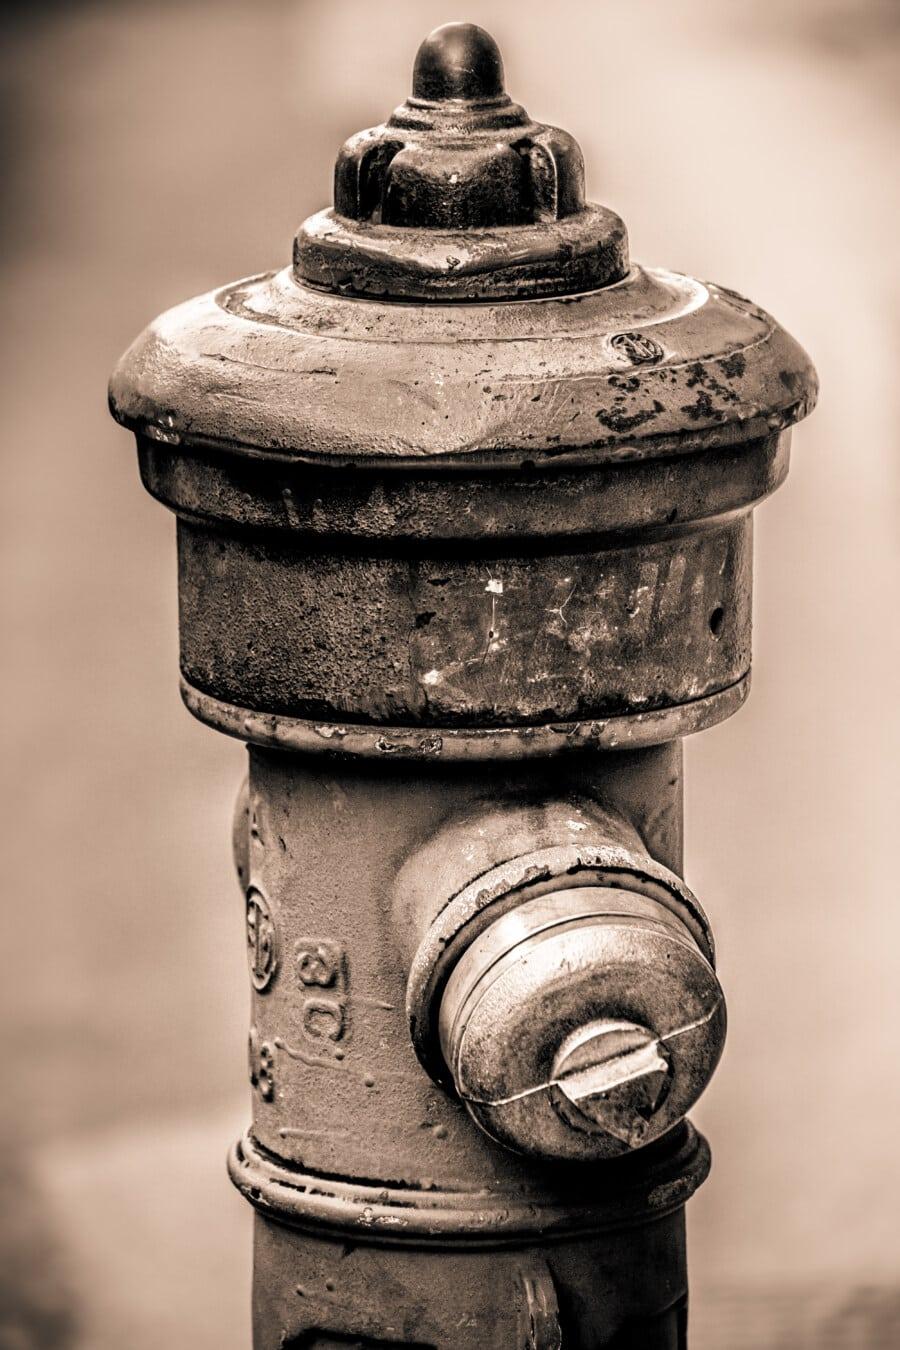 消火栓, 古いスタイル, 錆, 鋳鉄製, セピア, 産業, ヴィンテージ, 古い, アンティーク, モノクロ